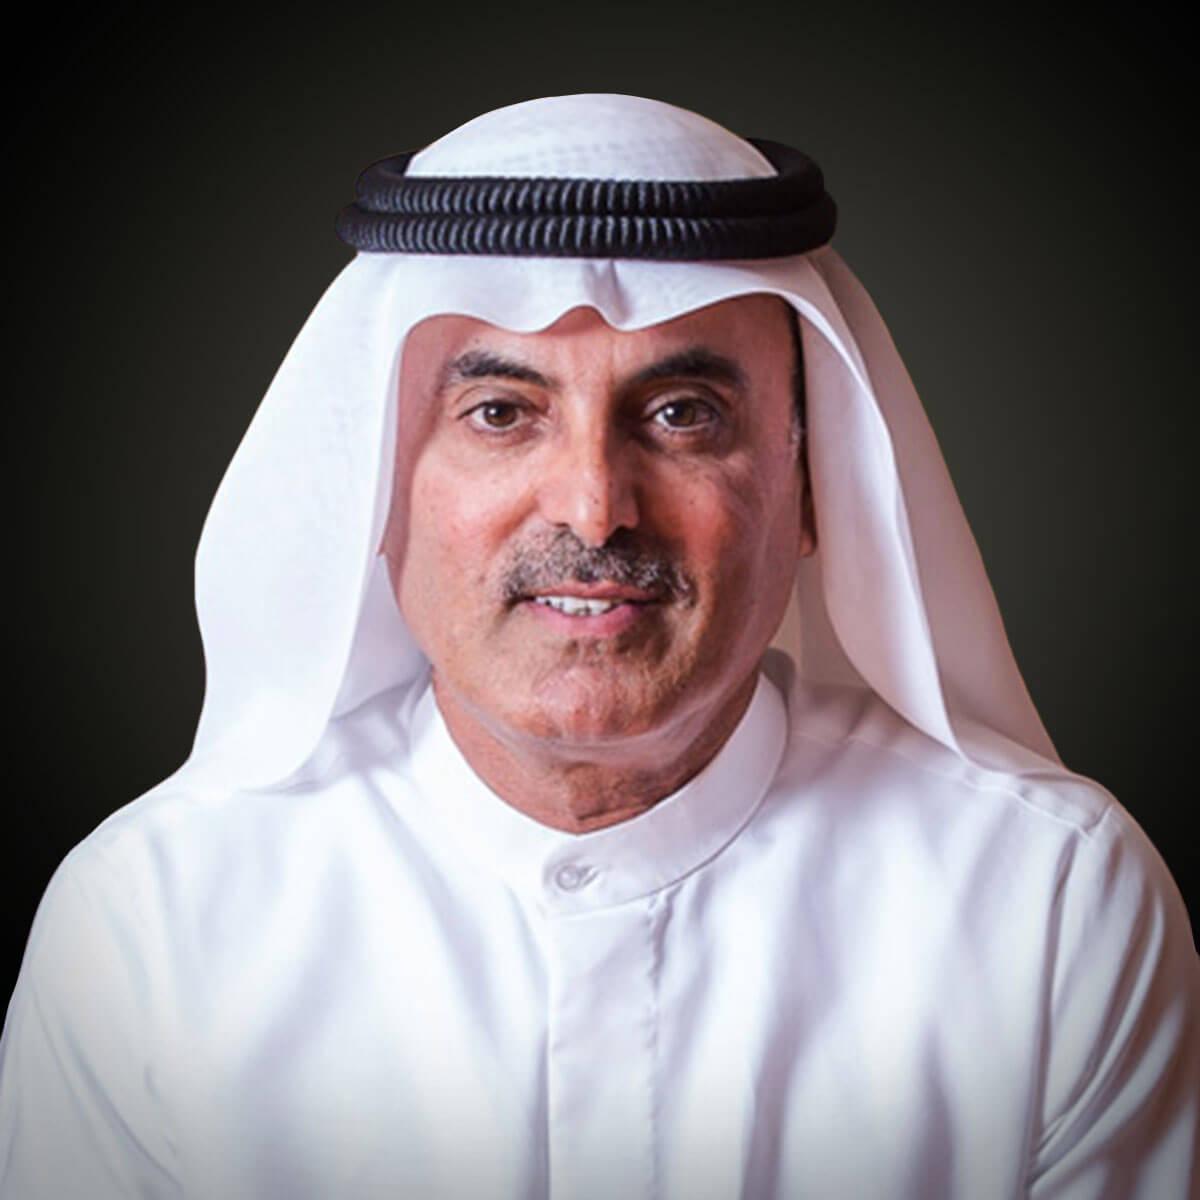 Al-Ghurair Investments